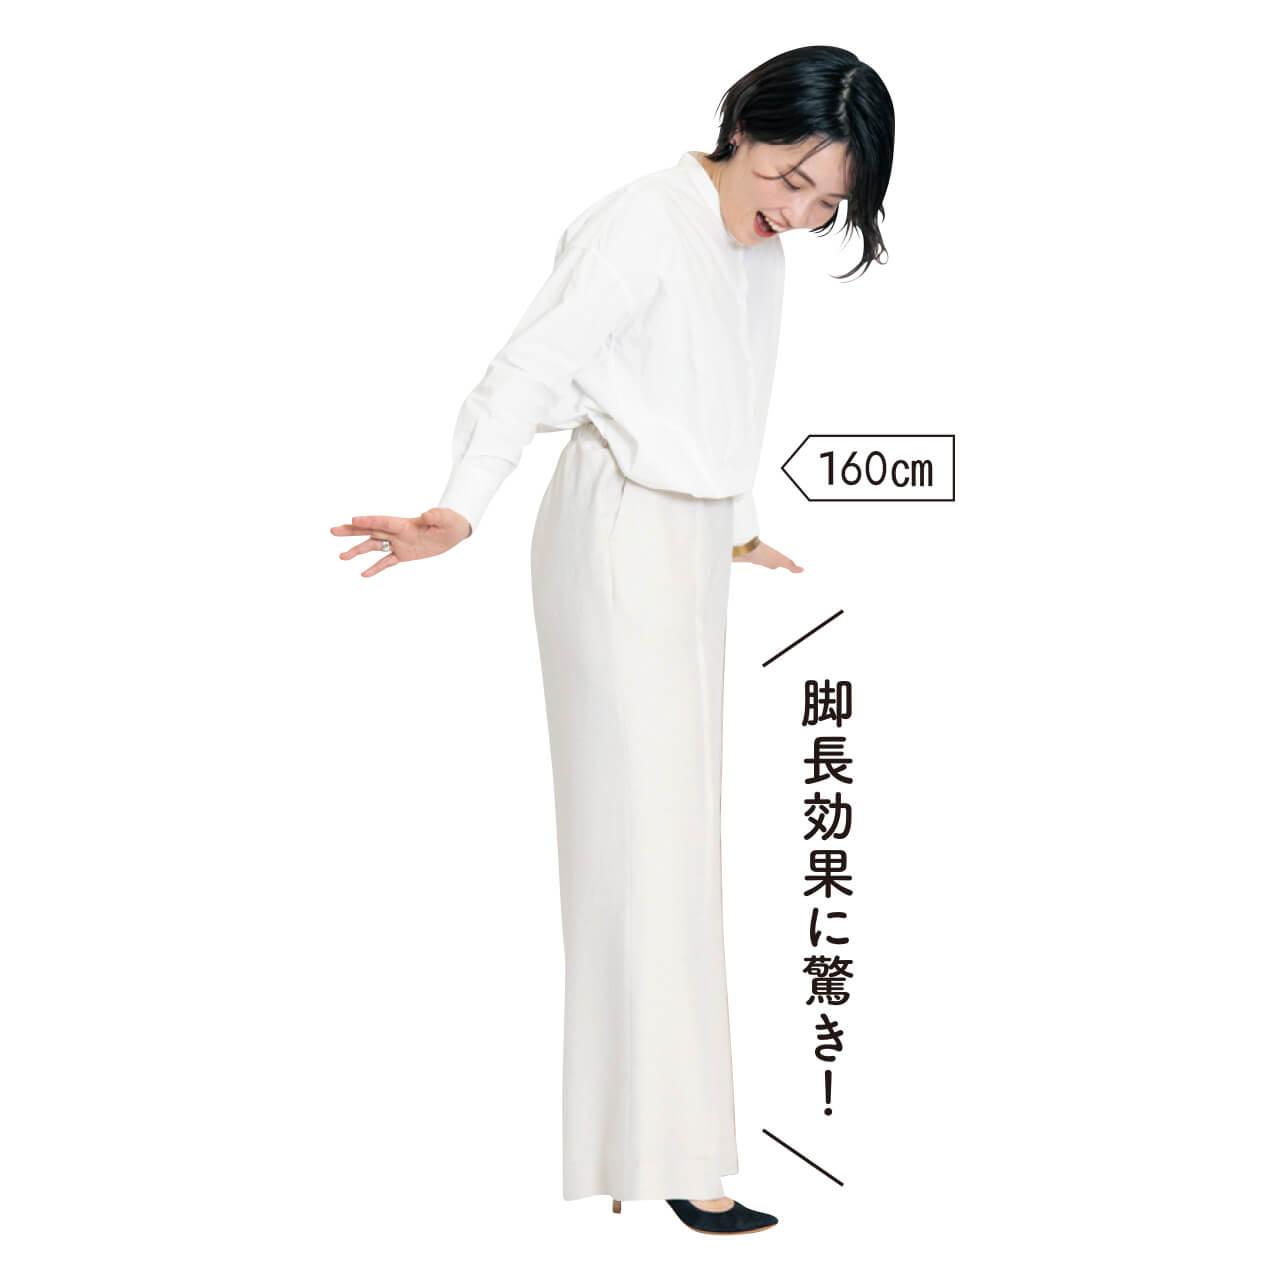 160cm 編集マロミ「脚長効果に驚き!」